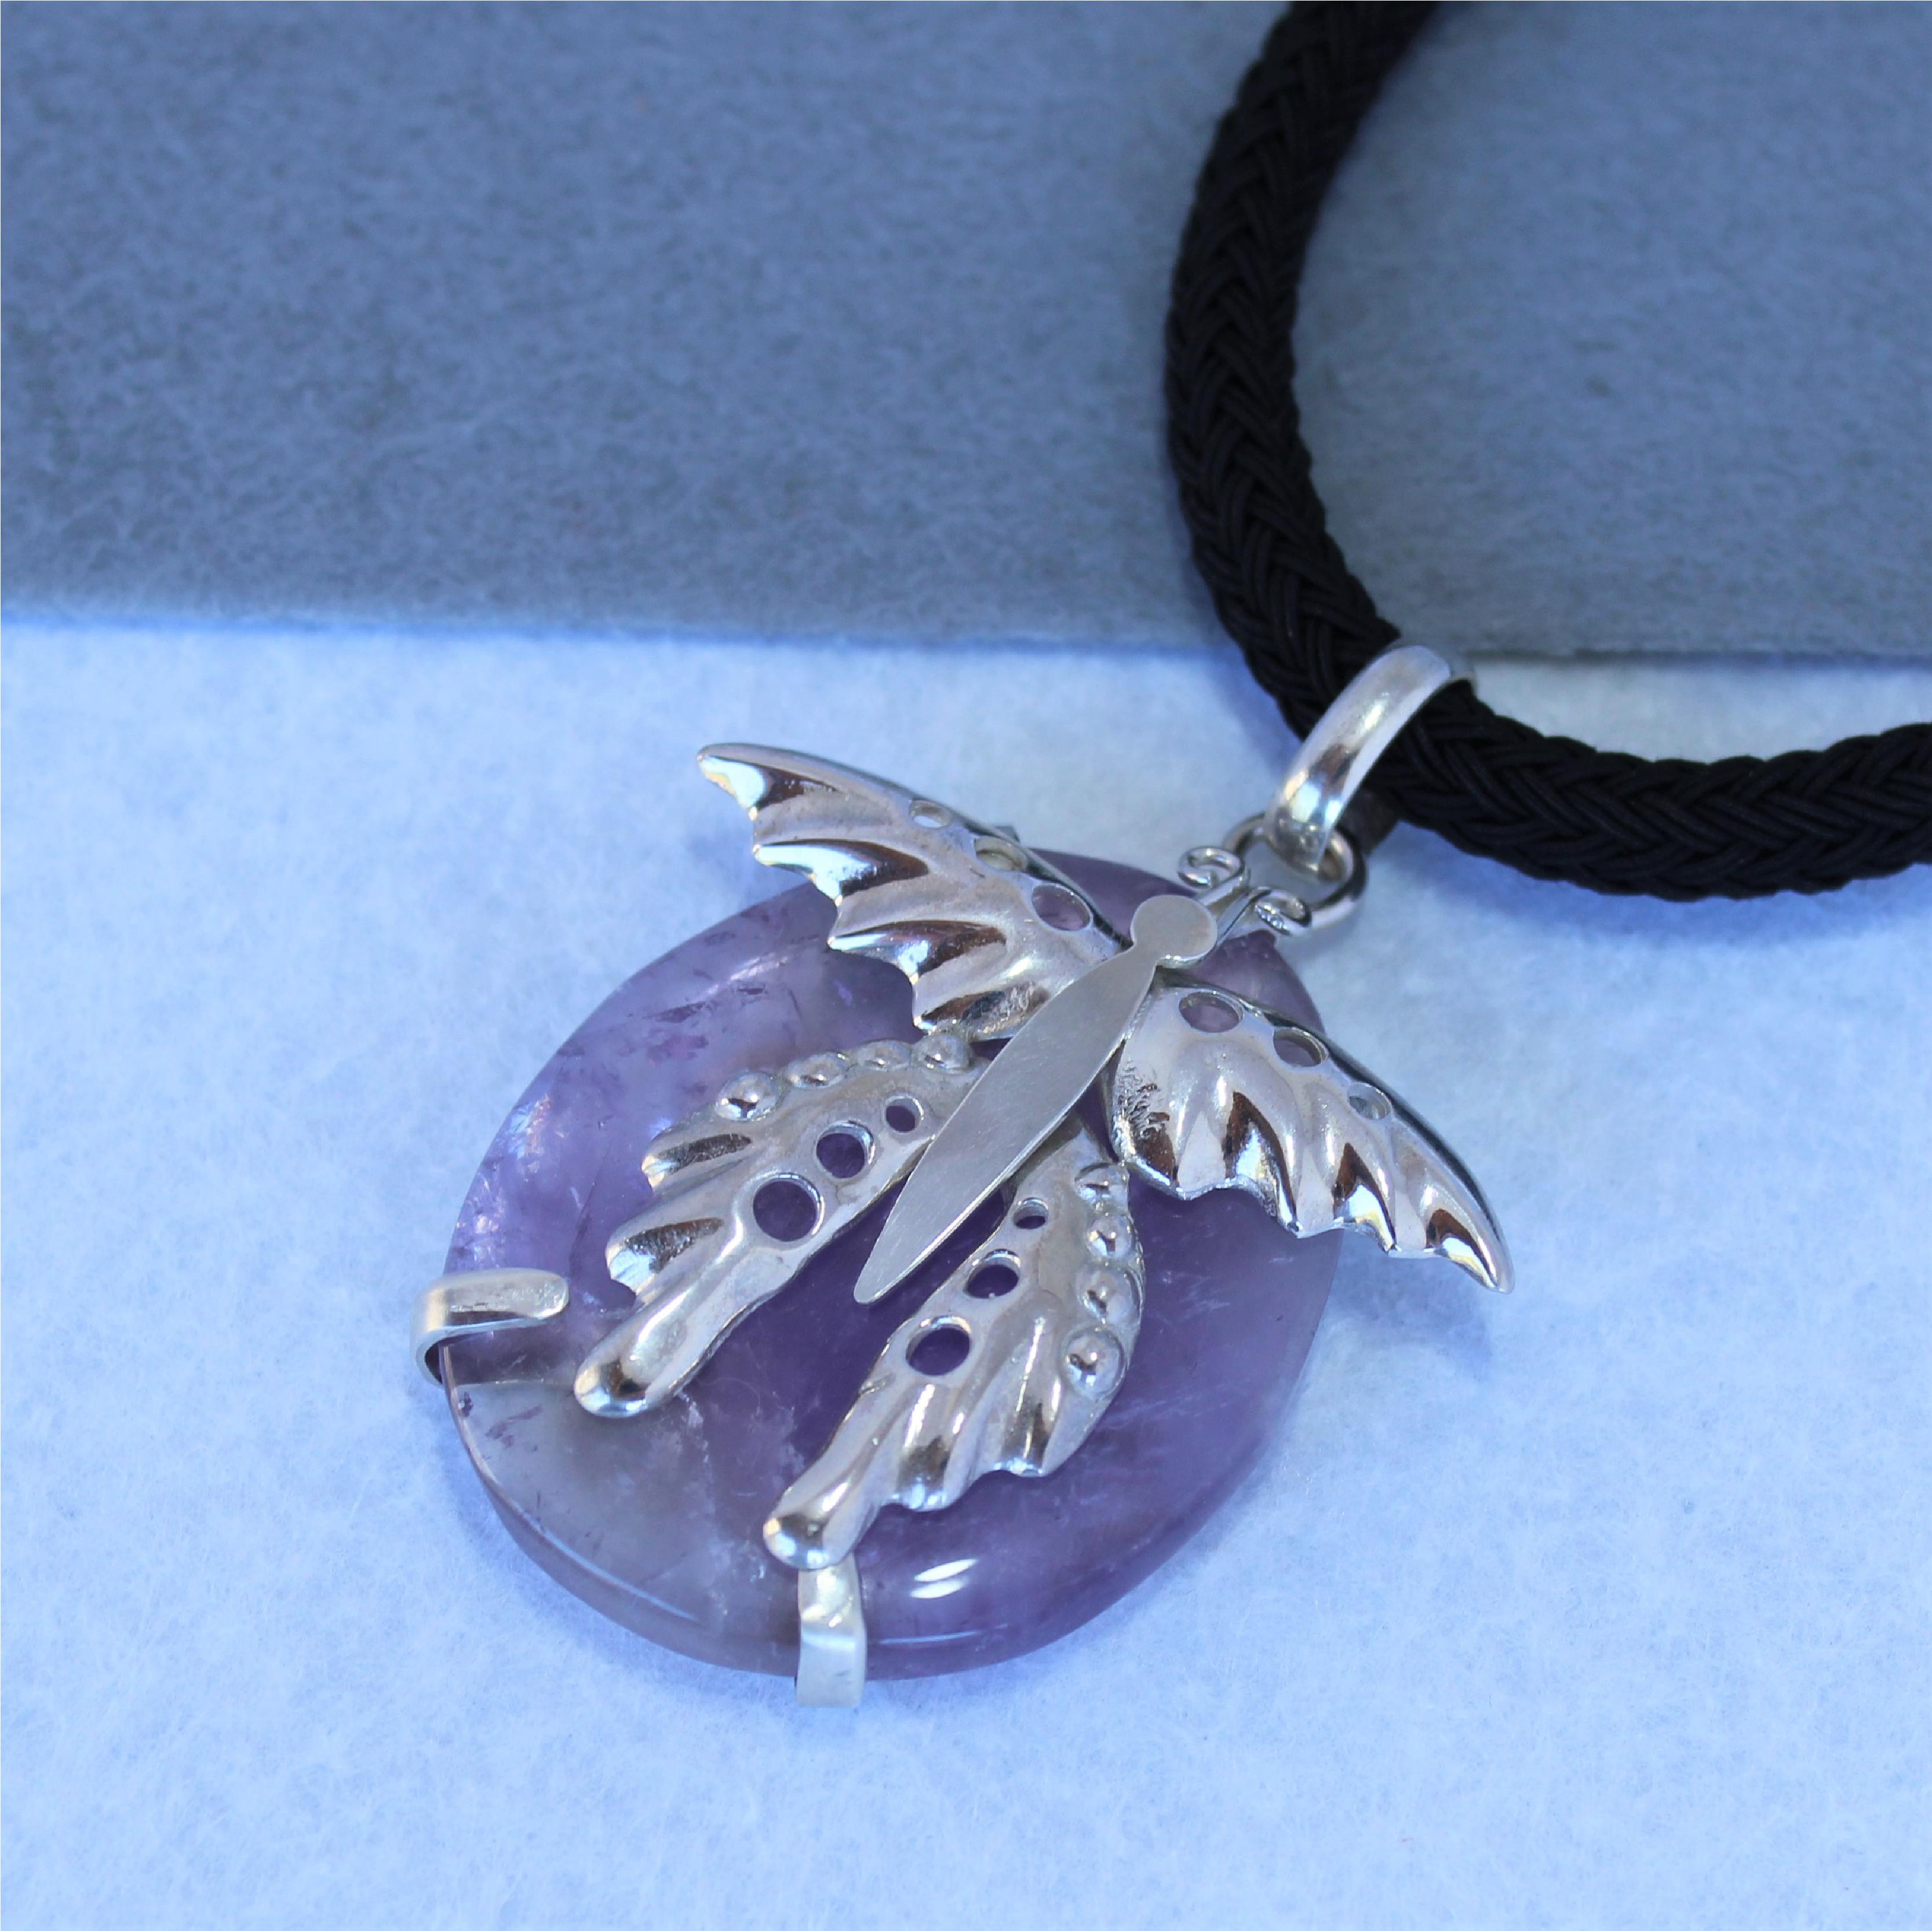 Pieza única realizada en plata de ley con mariposa y amatista. Exclisivo de Quela